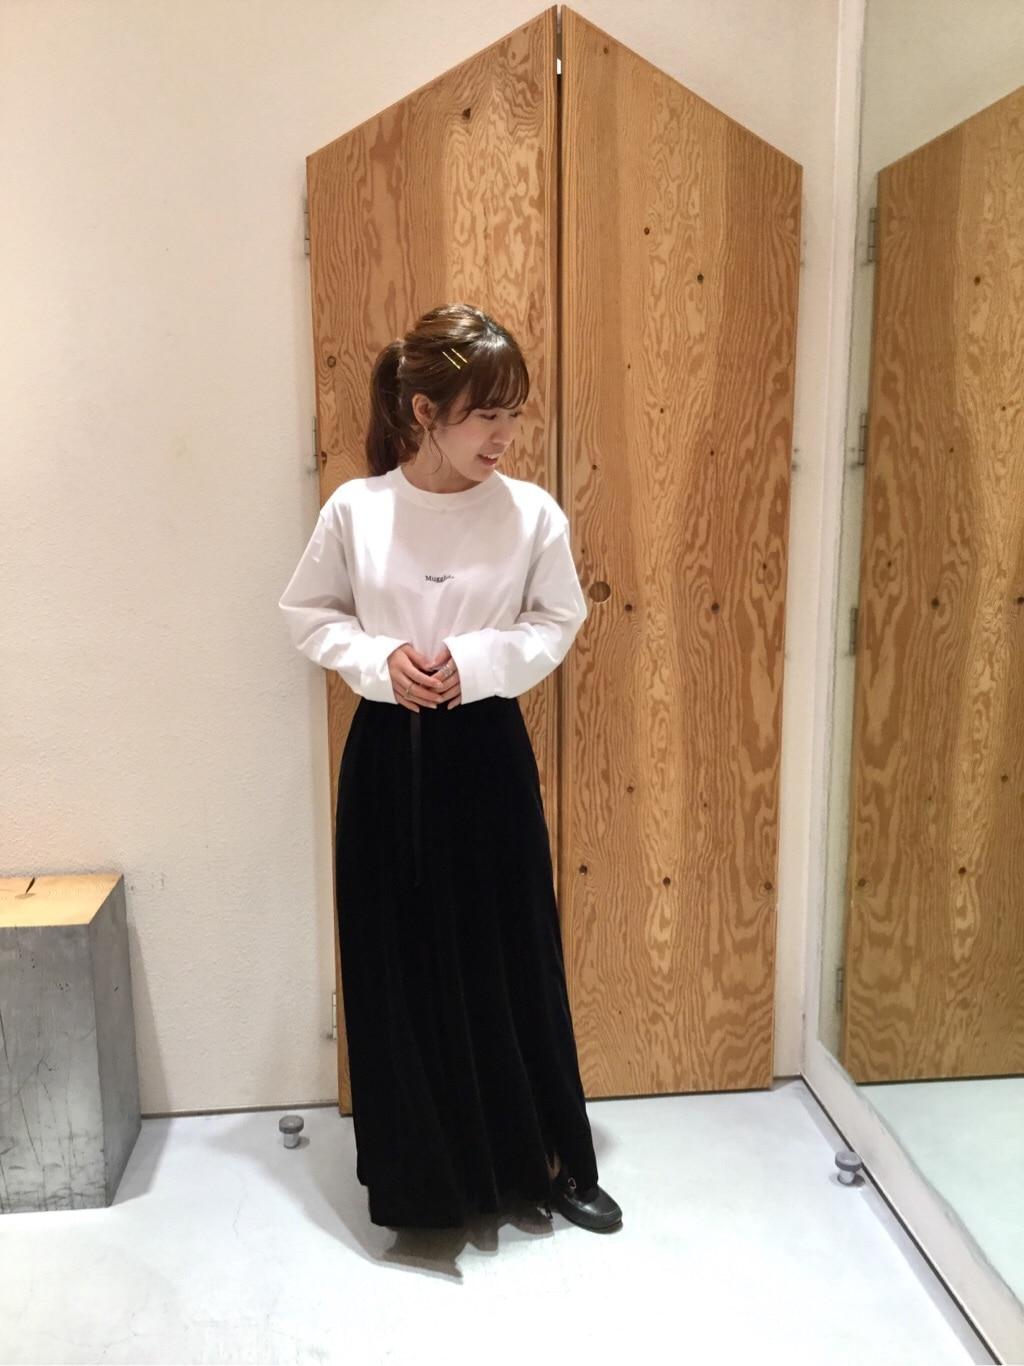 l'atelier du savon グランフロント大阪 身長:152cm 2019.09.14